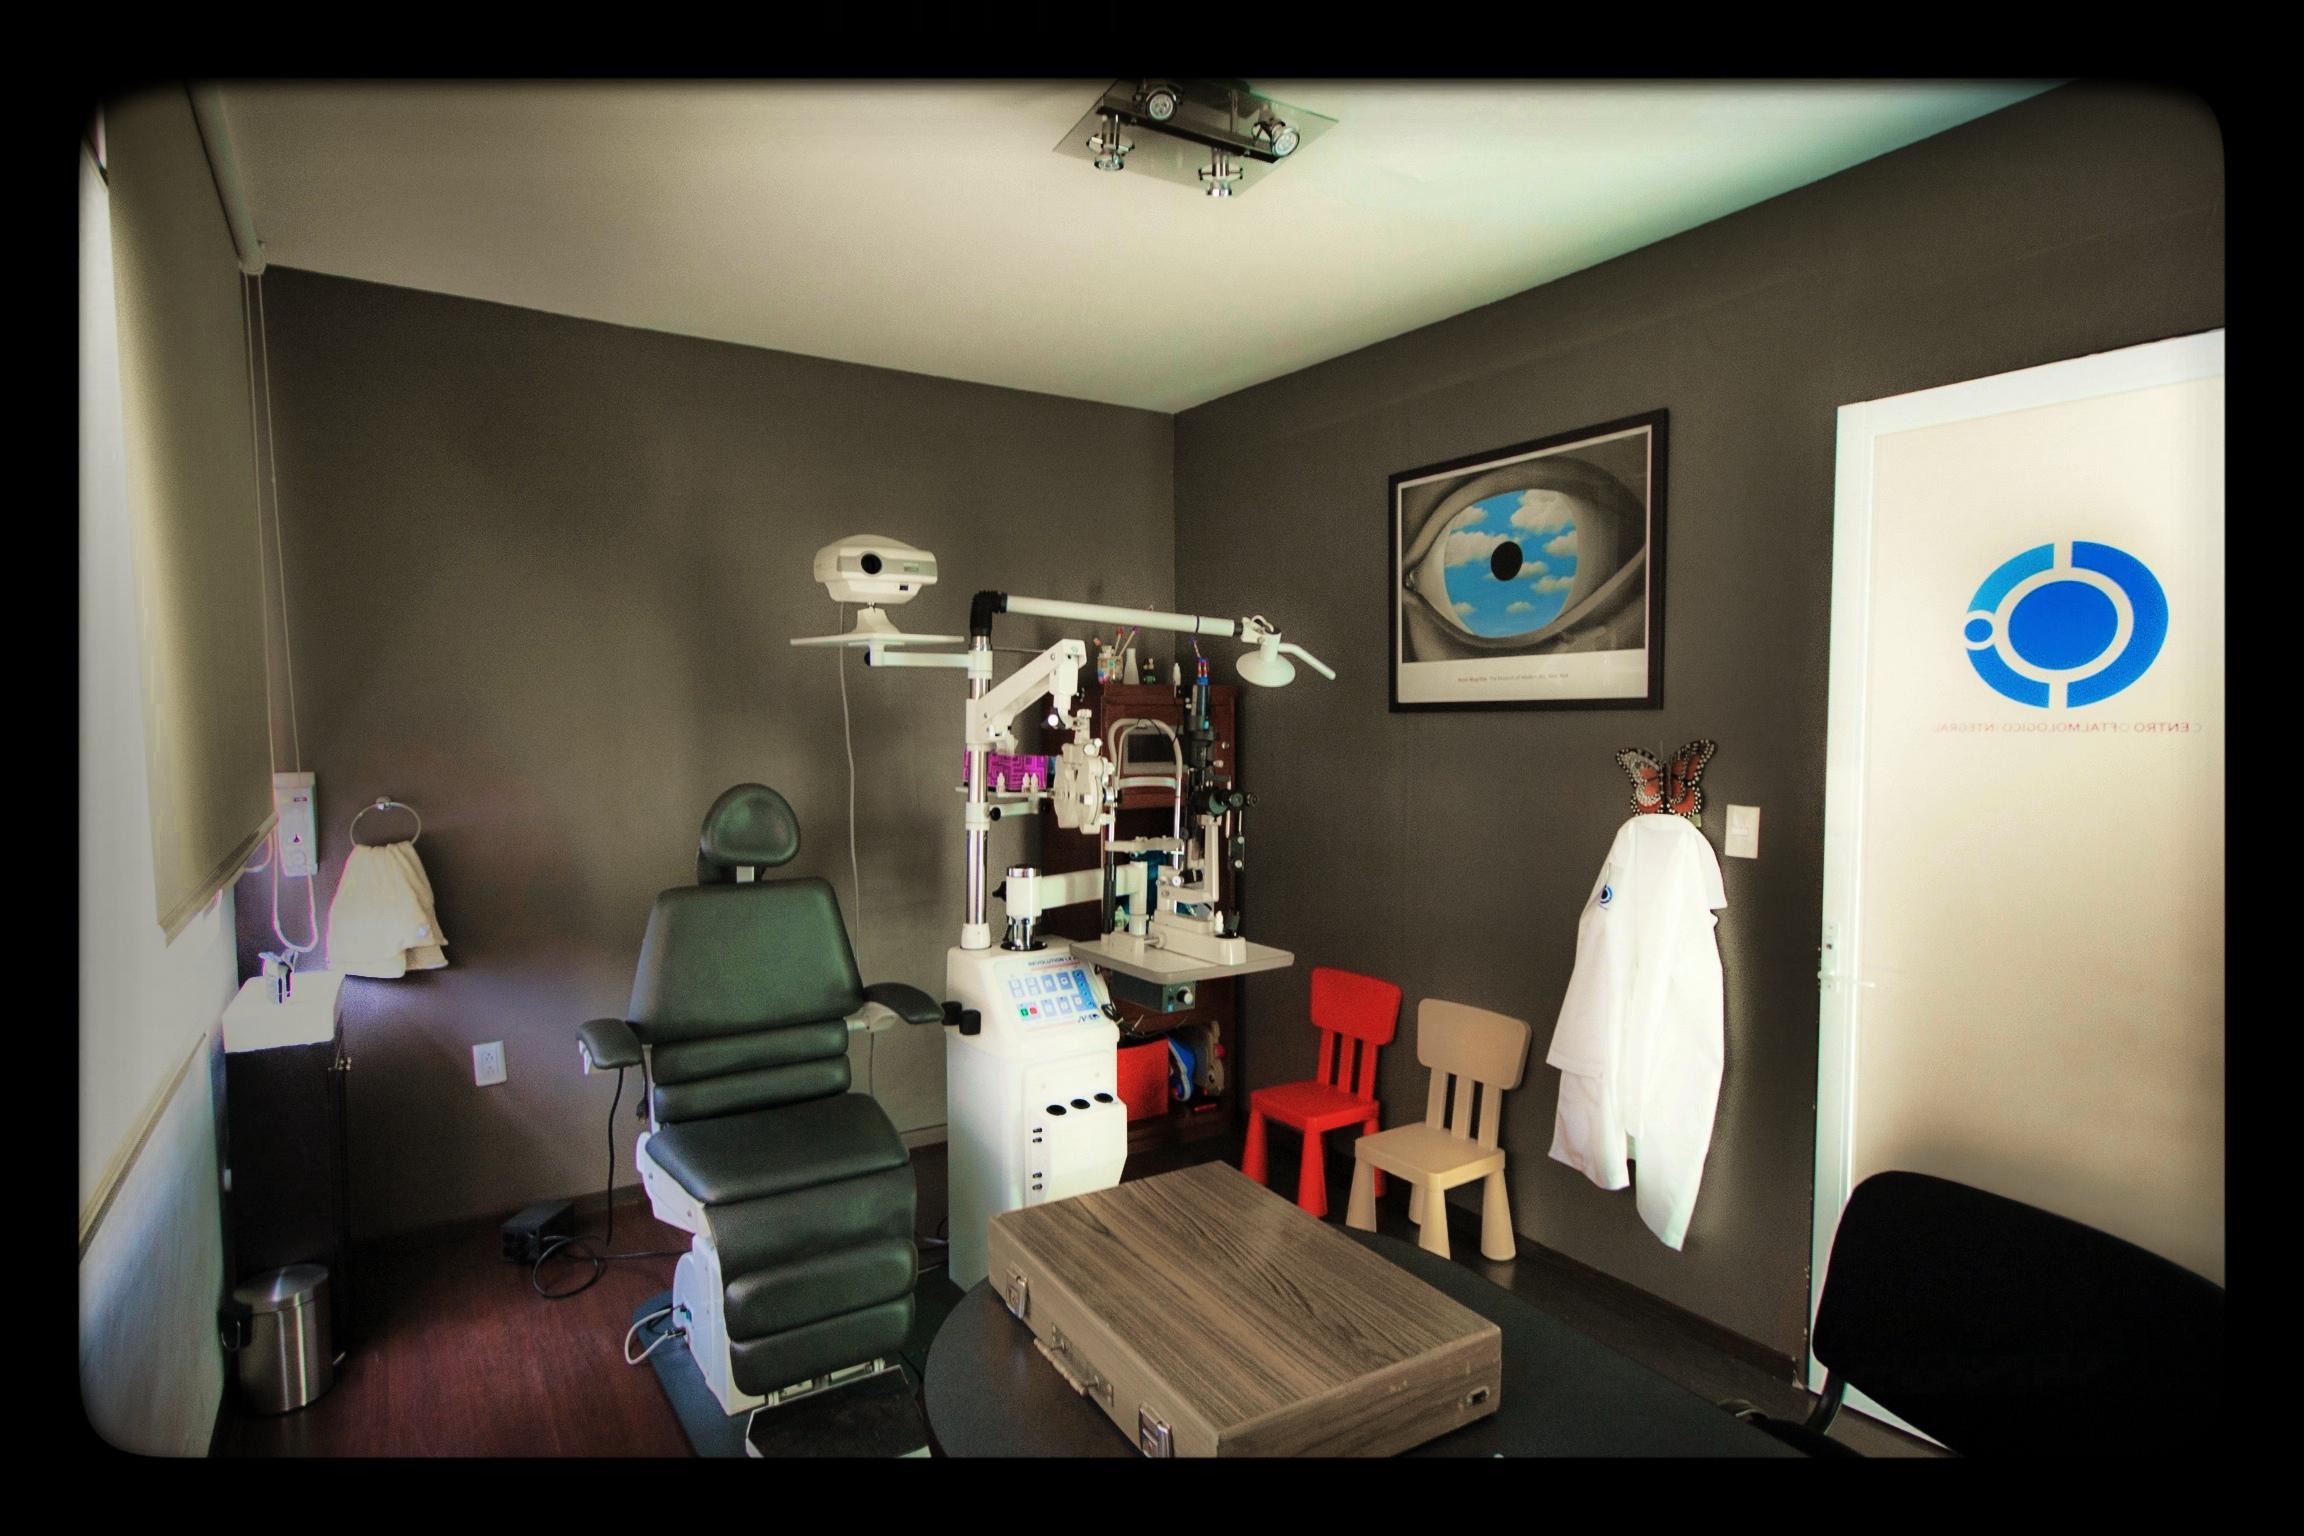 Consultorios Medicos En Renta # Muebles Zurich San Luis Potosi